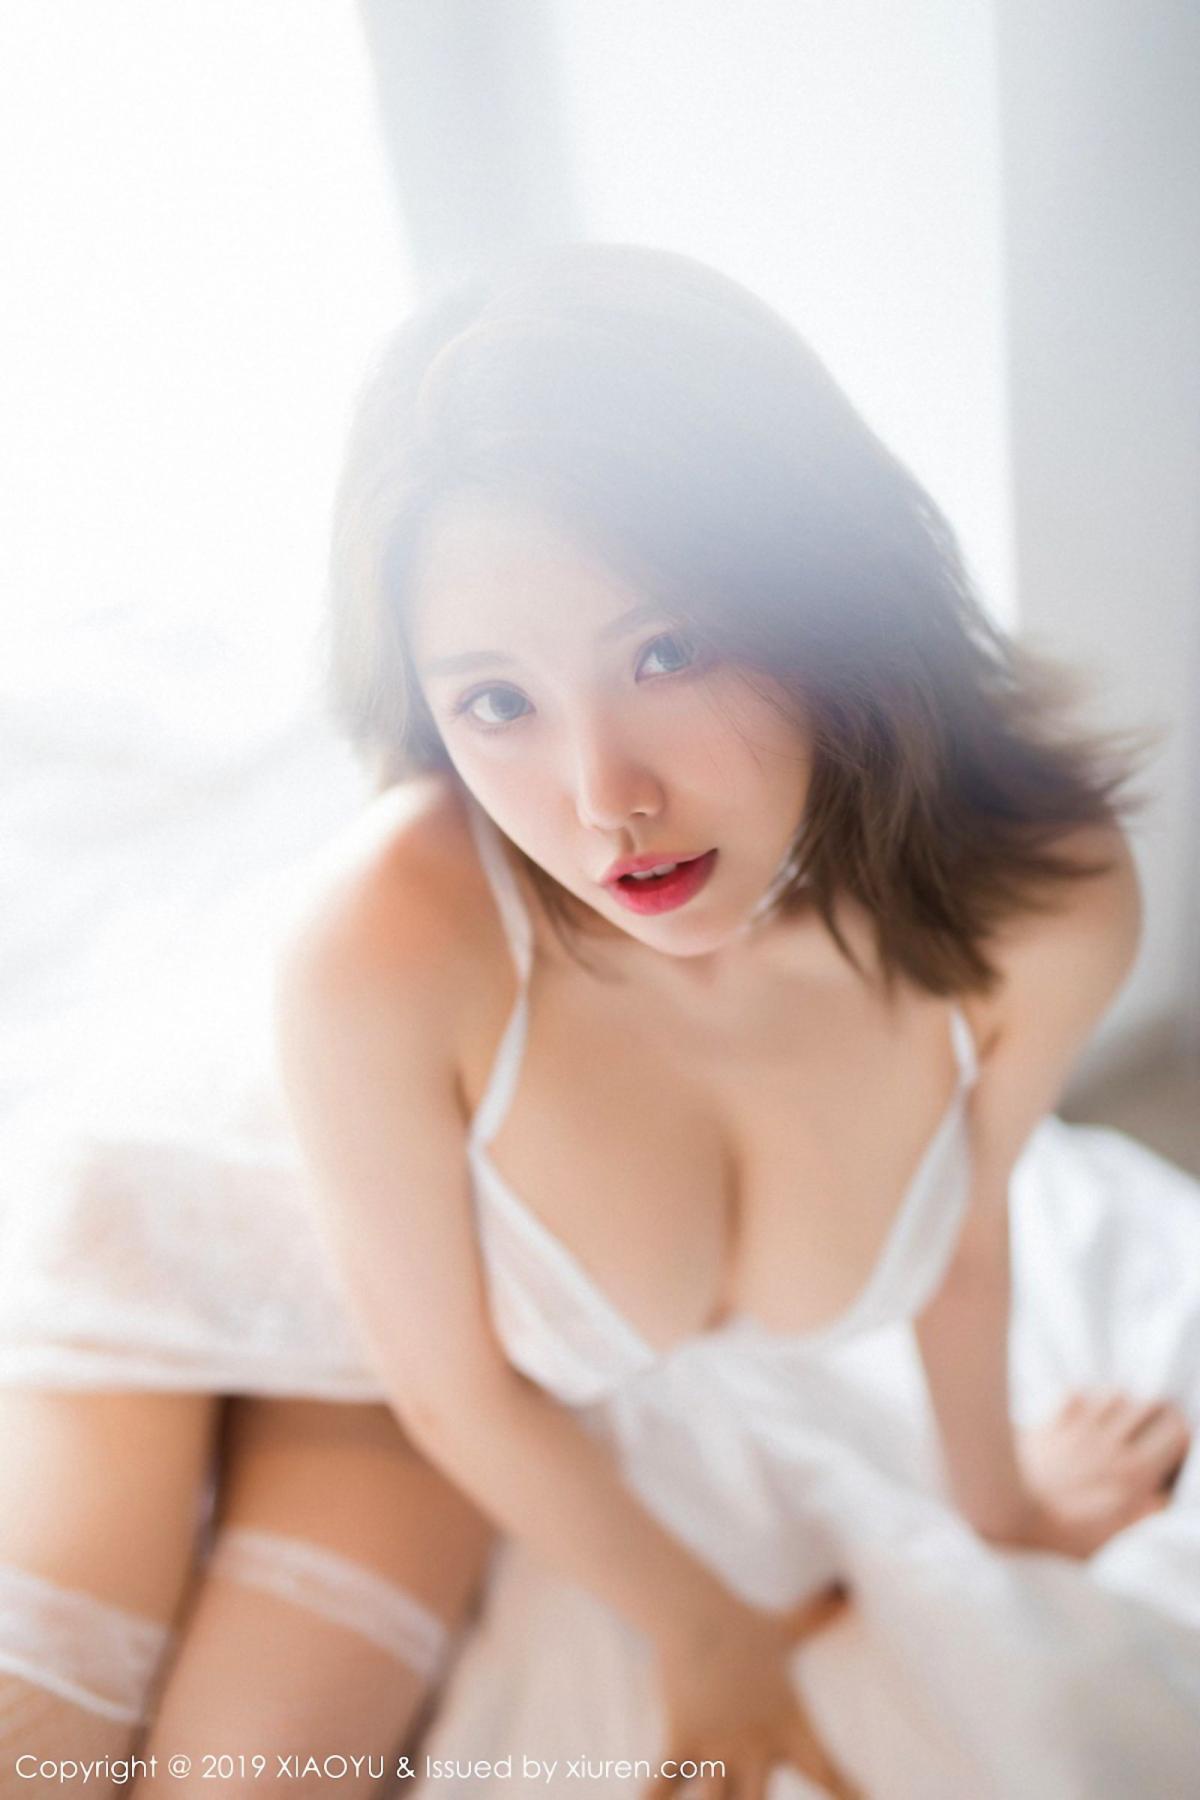 [XiaoYu] Vol.047 Huang Le Ran 20P, Huang Le Ran, Wet, XiaoYu